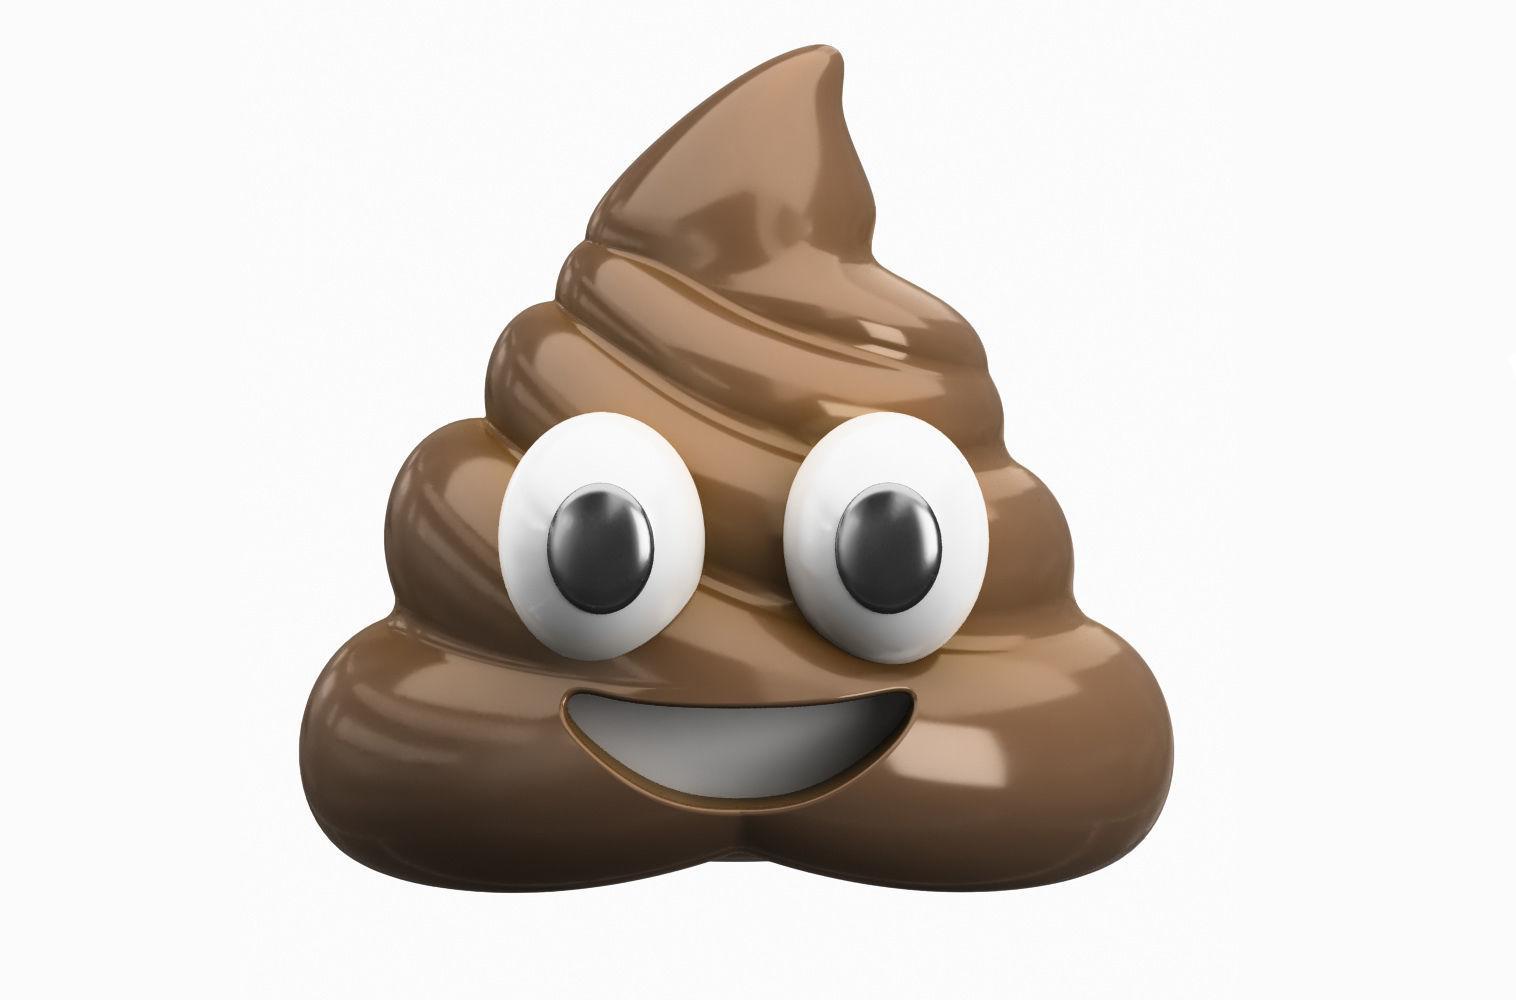 Emoji Pile of Poo